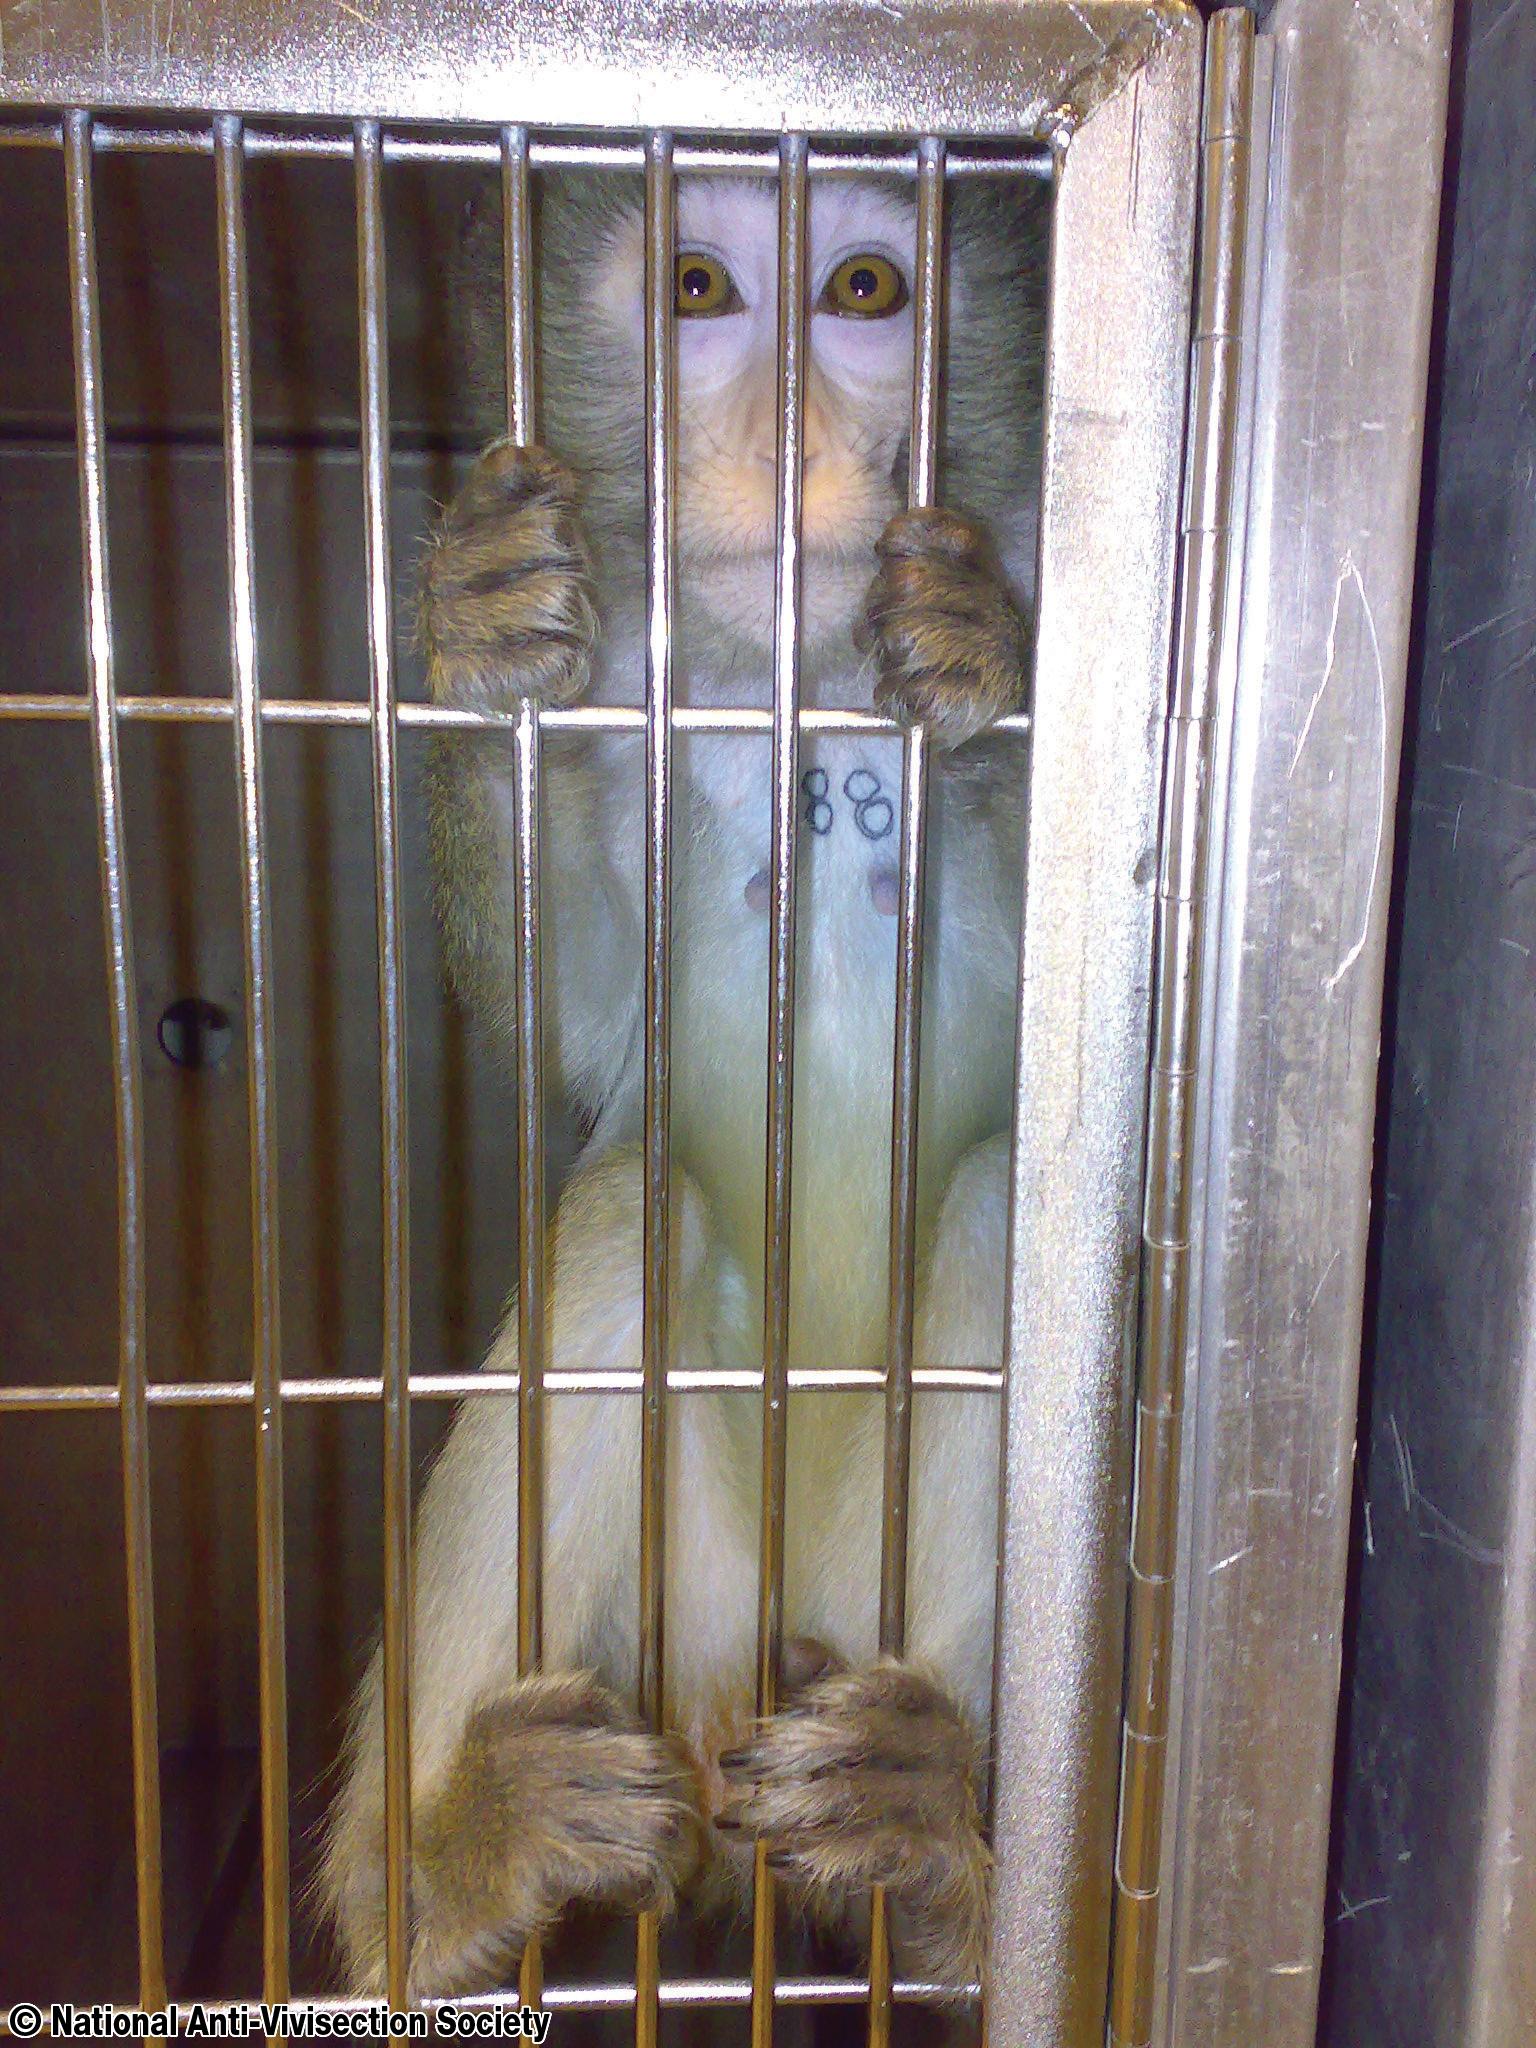 https://i0.wp.com/fatgayvegan.com/wp-content/uploads/2014/05/navs-huntingdon-macaque-03.jpg?fit=1536%2C2048